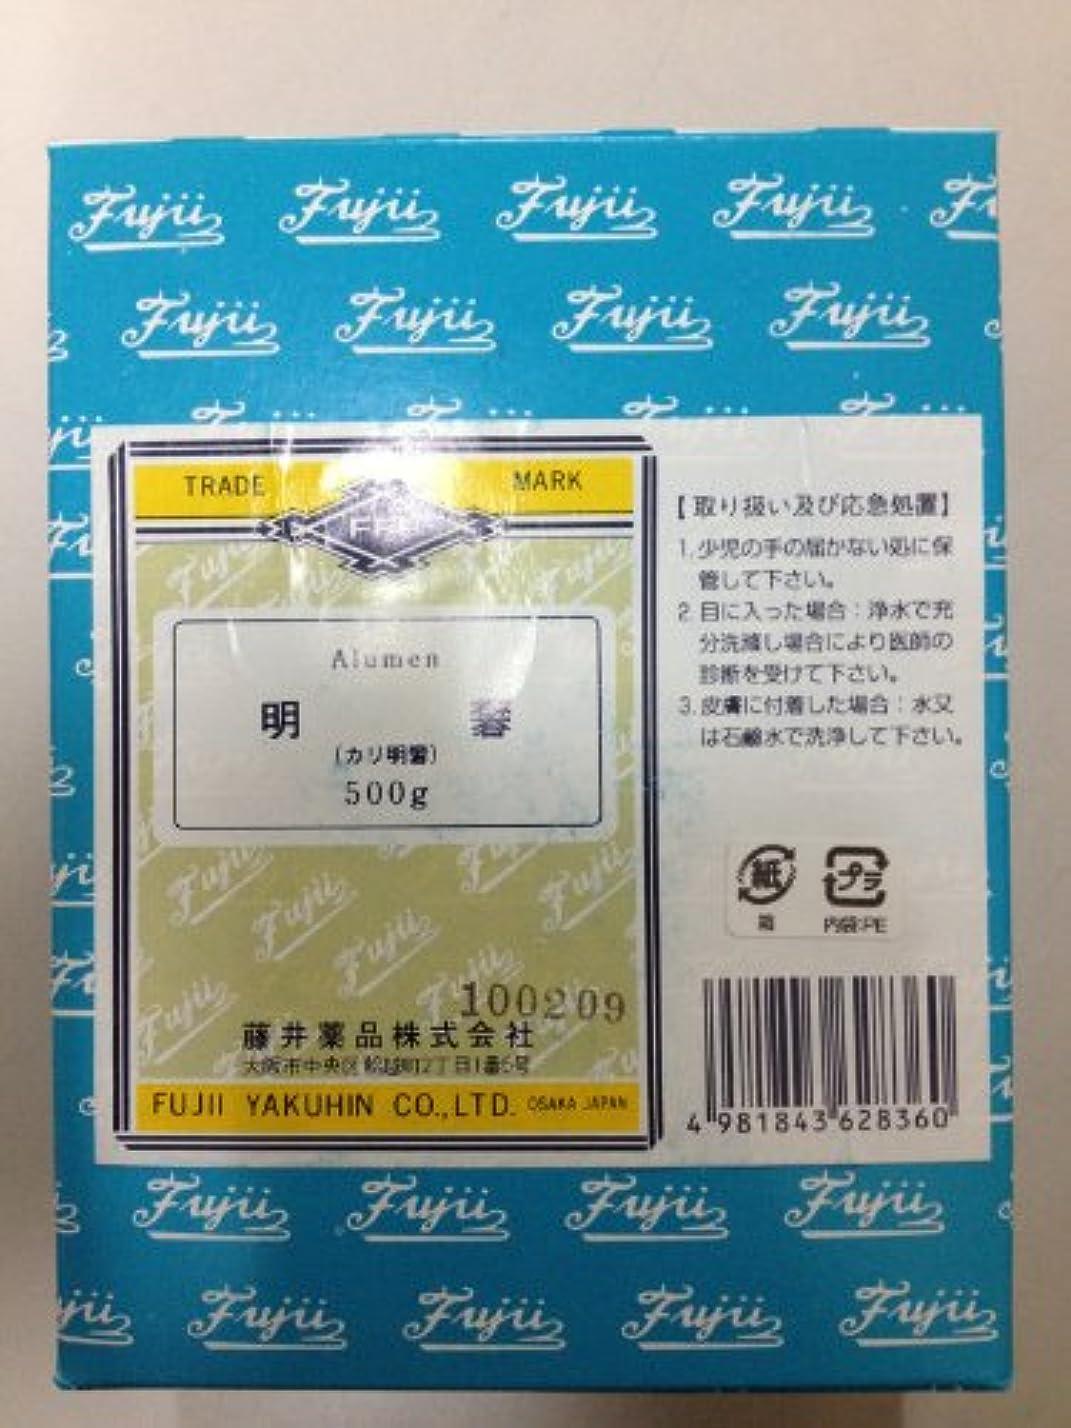 作り上げる立ち寄る神カリ明礬500g 藤井薬品